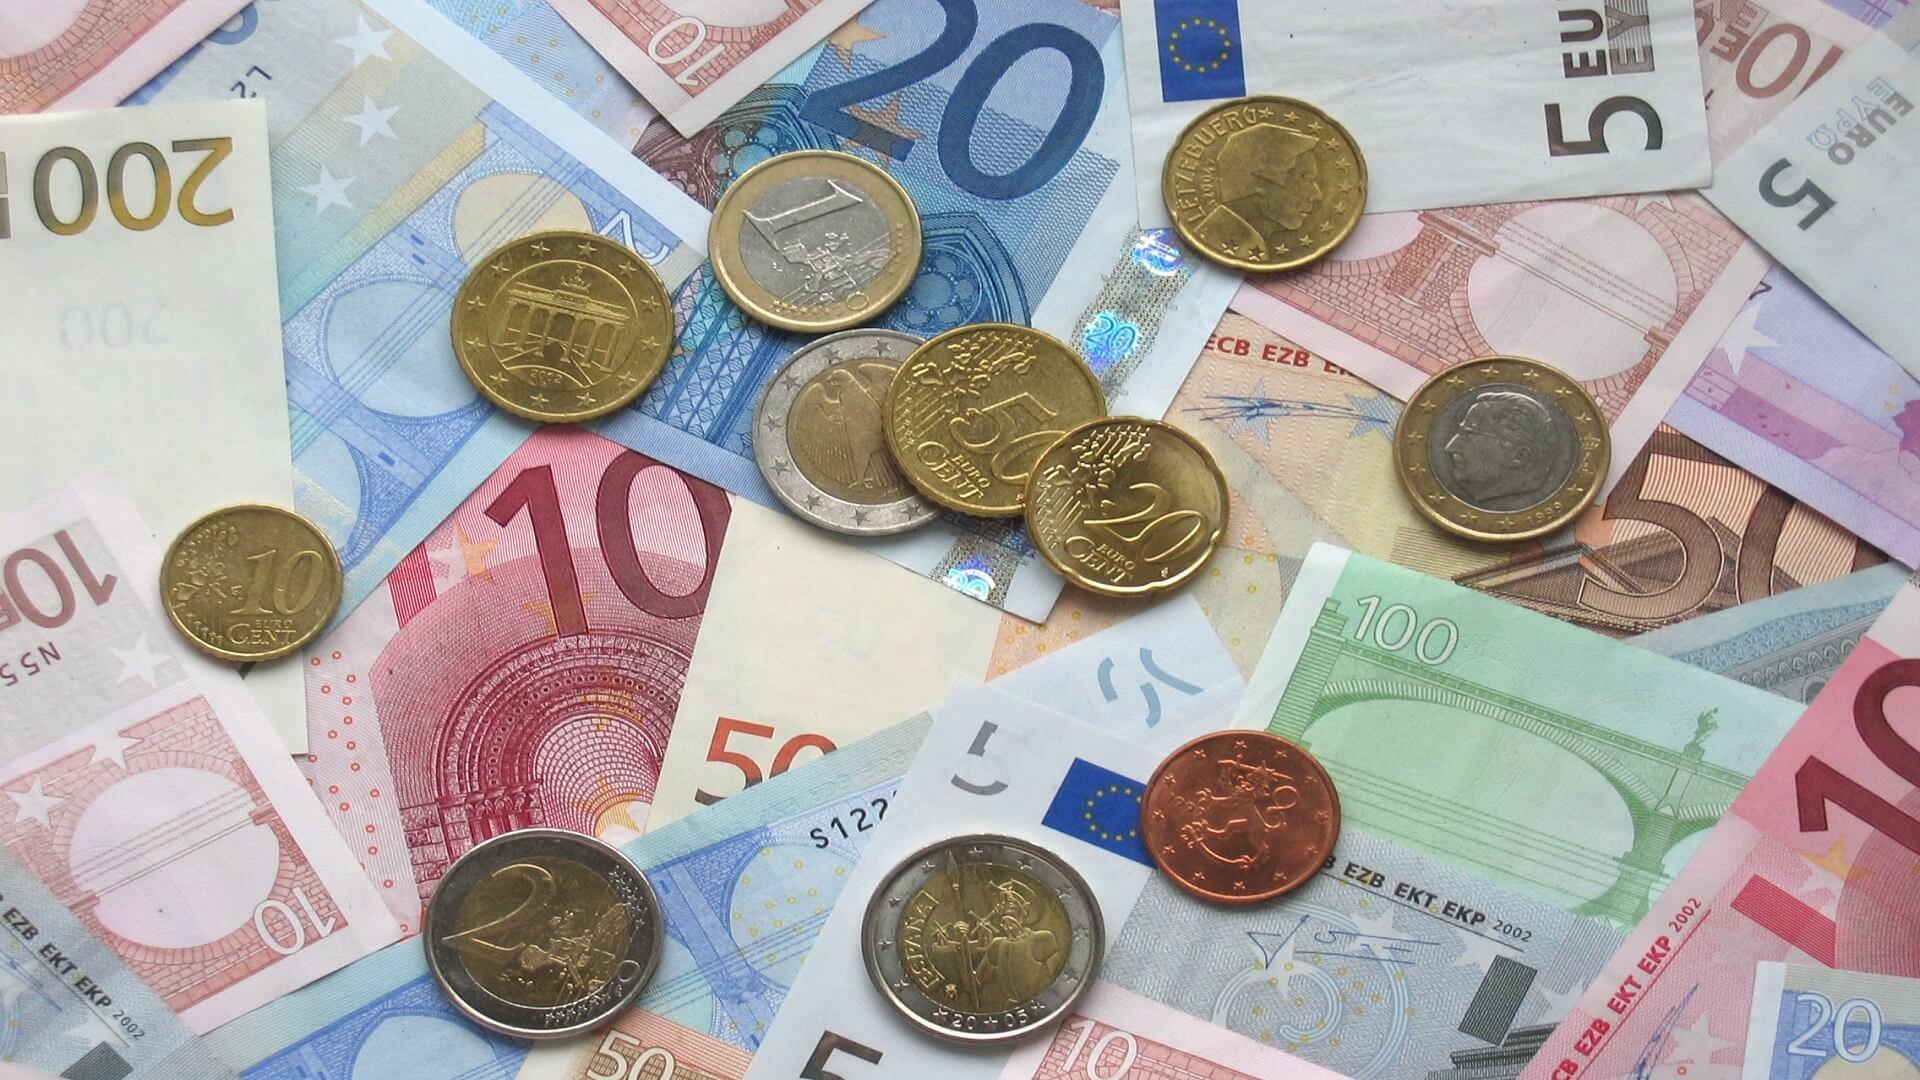 Geldanlagen im Check - Vermögensaufbau vorantreiben